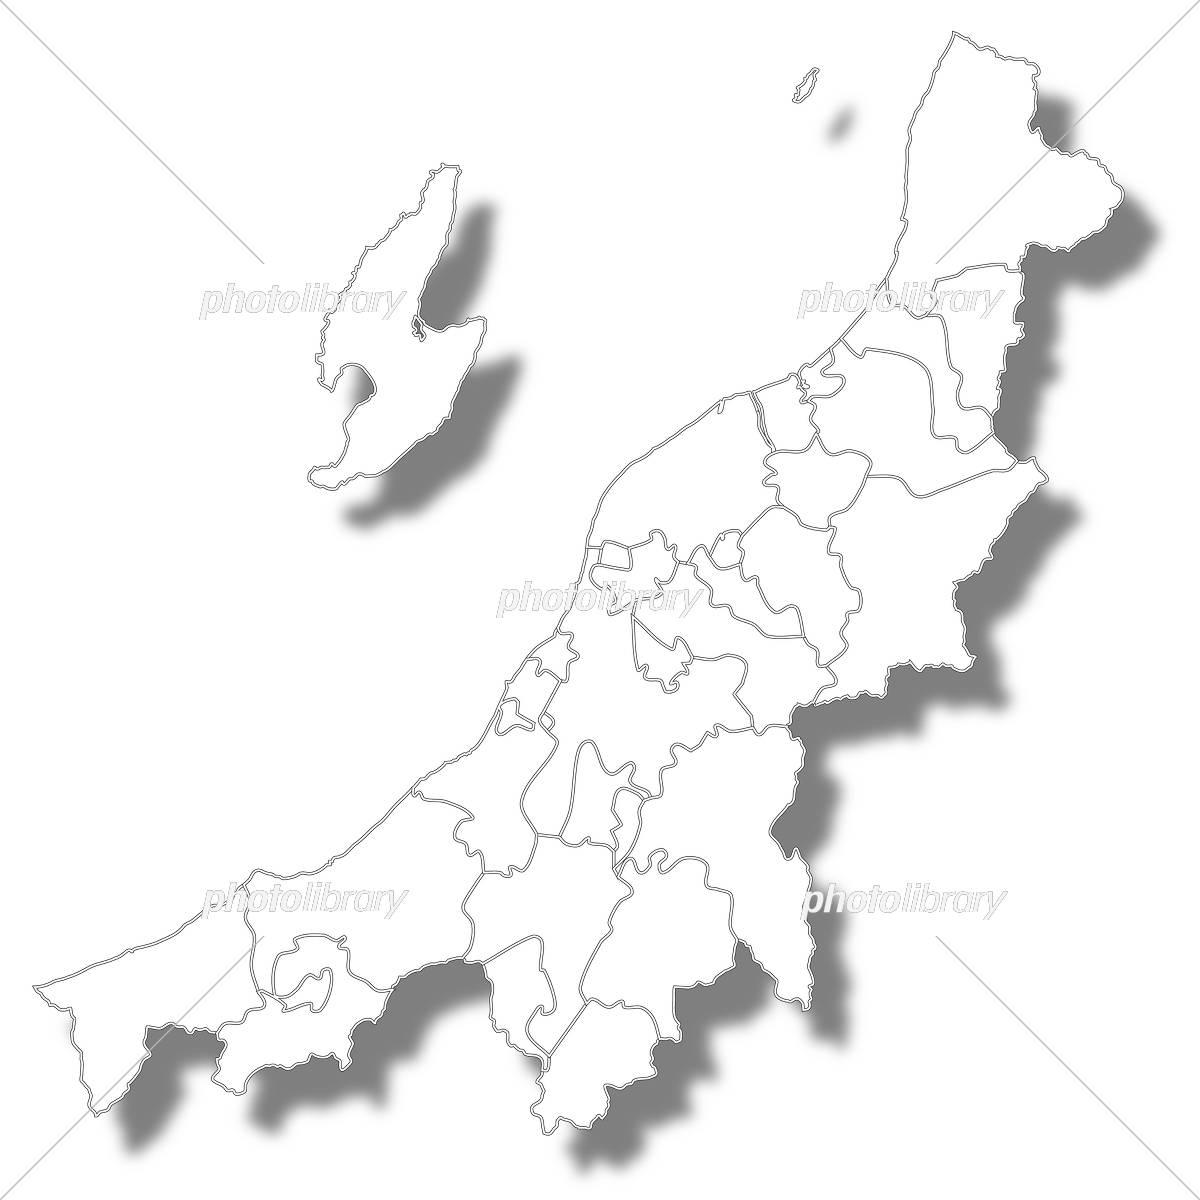 新潟 地図 イラスト素材 5429688 フォトライブラリー